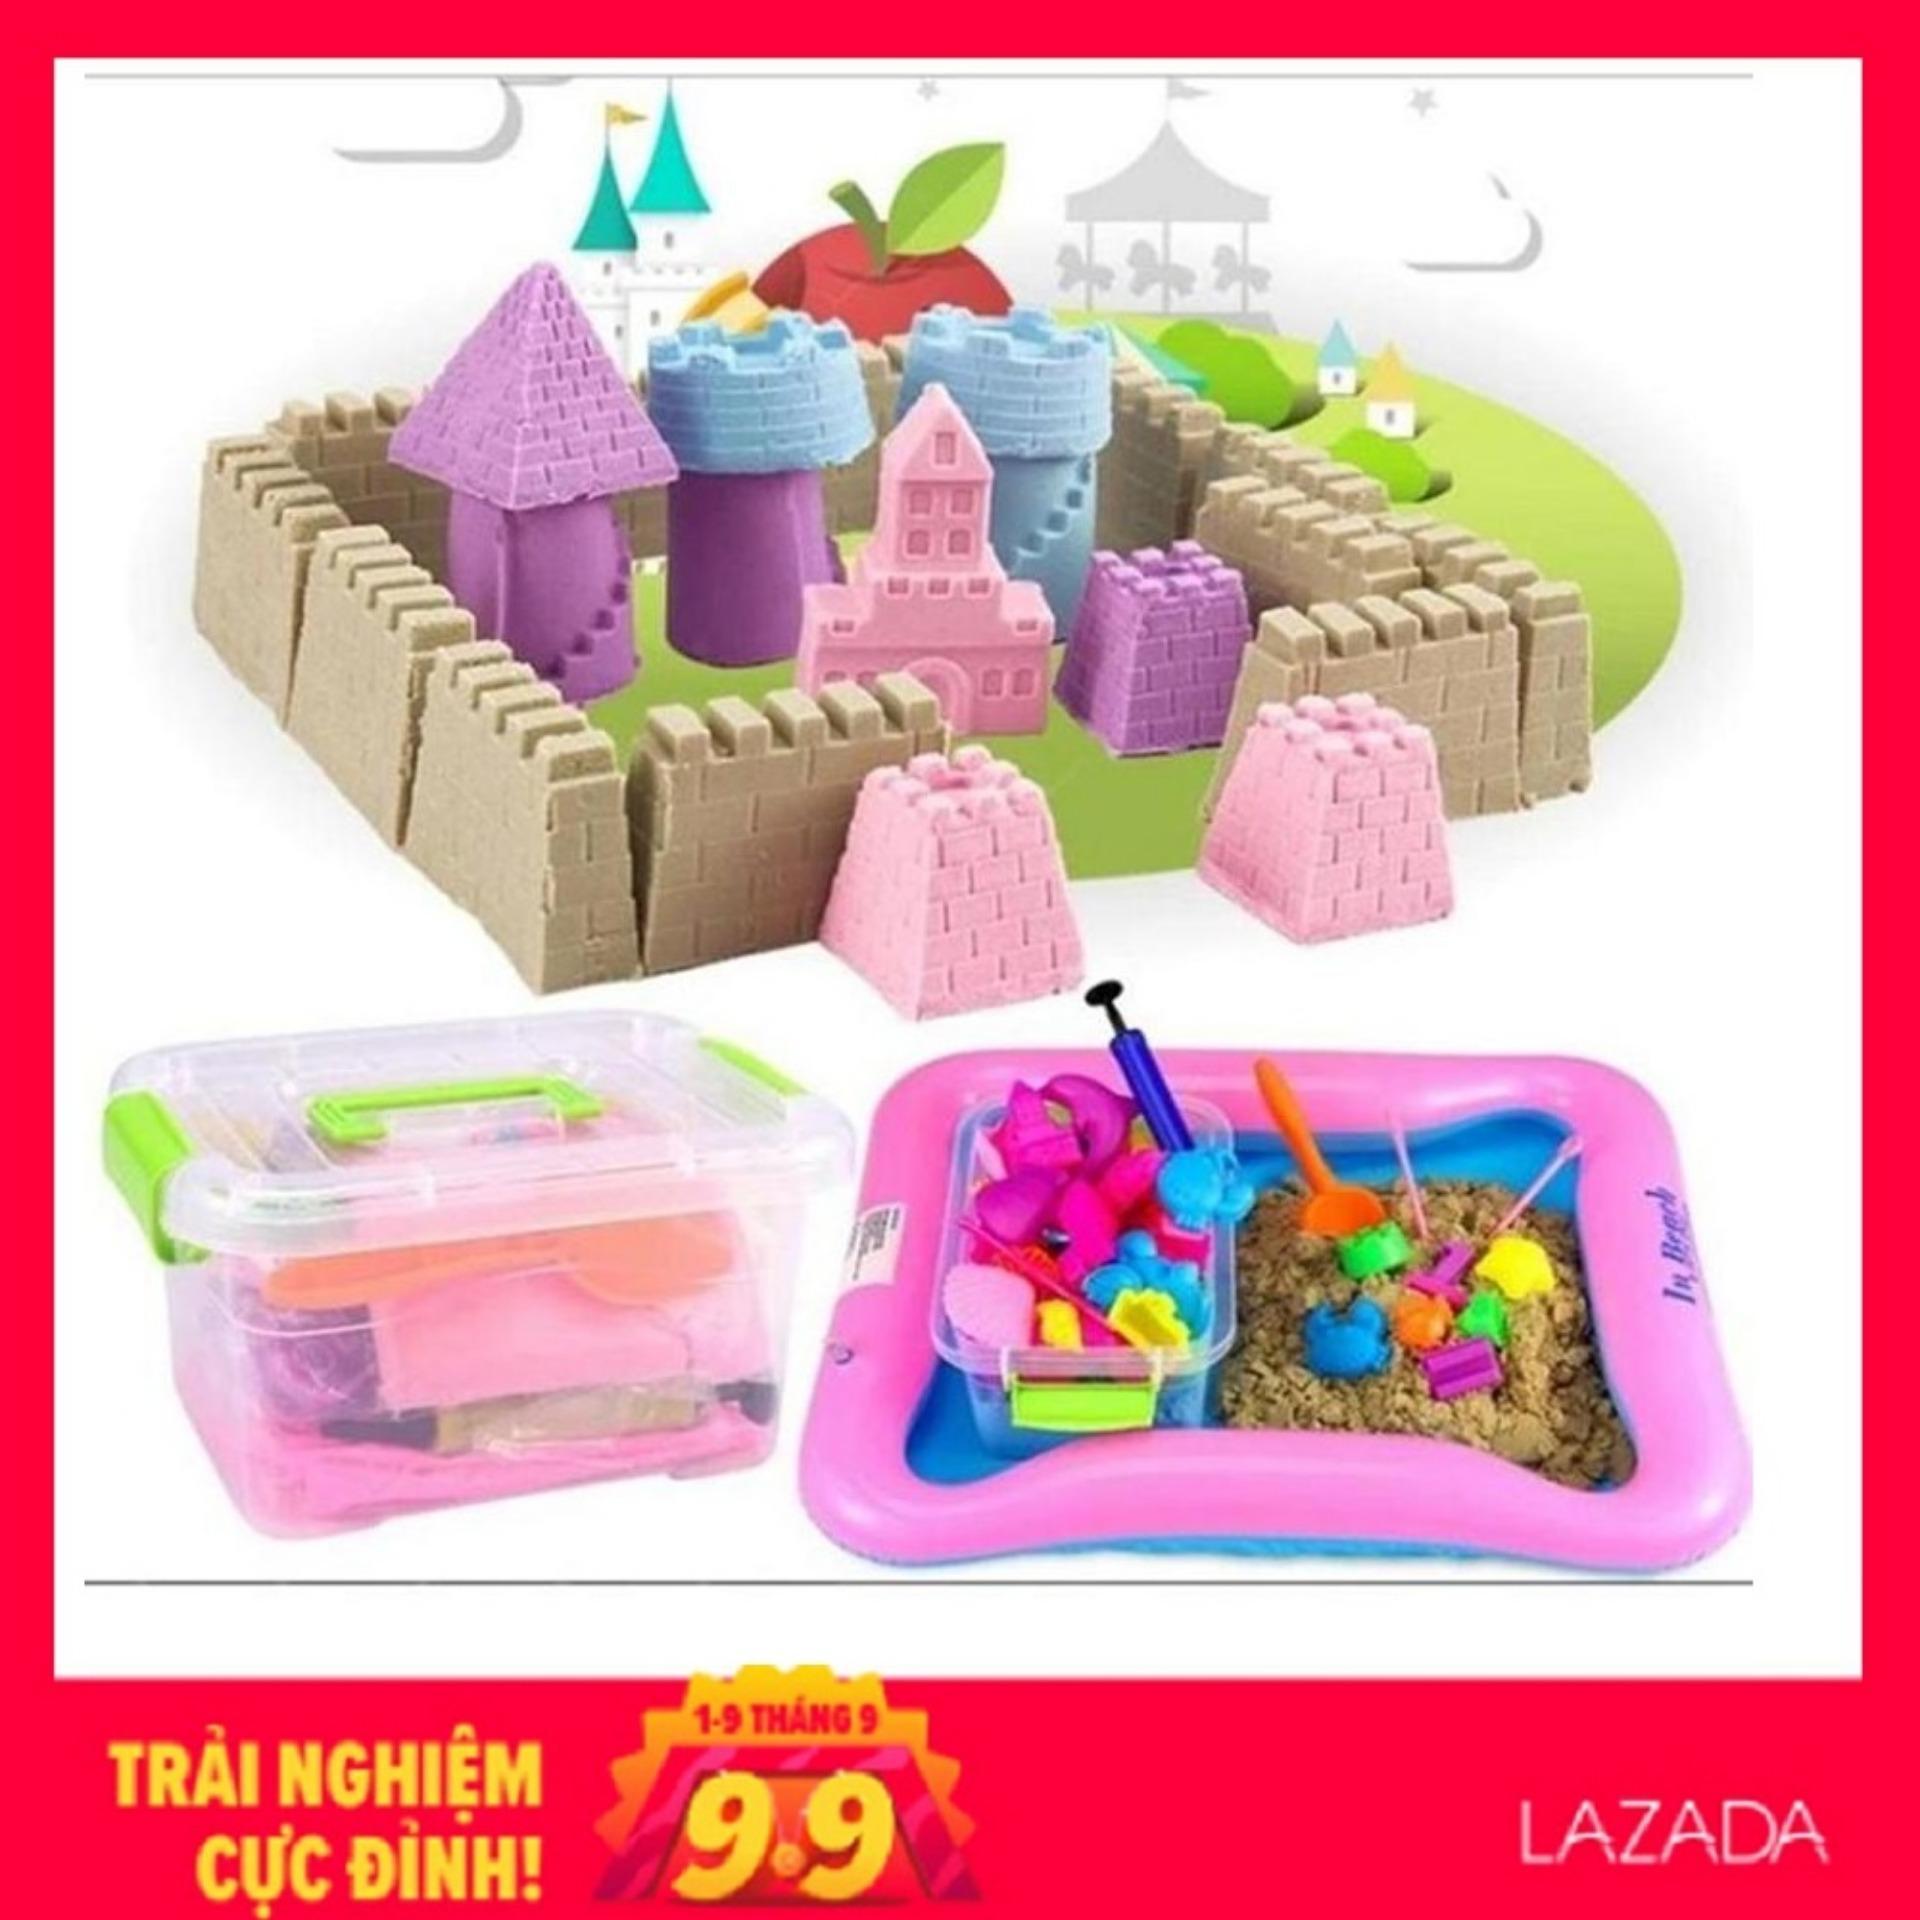 Bộ đồ chơi Cát động lực vi sinh tạo hình LÂU ĐÀI gồm: Hộp nhựa + 0,8kg Cát + Bể hơi + Đủ khuôn voucher mã giảm giá khuyến mãi Nhật Bản